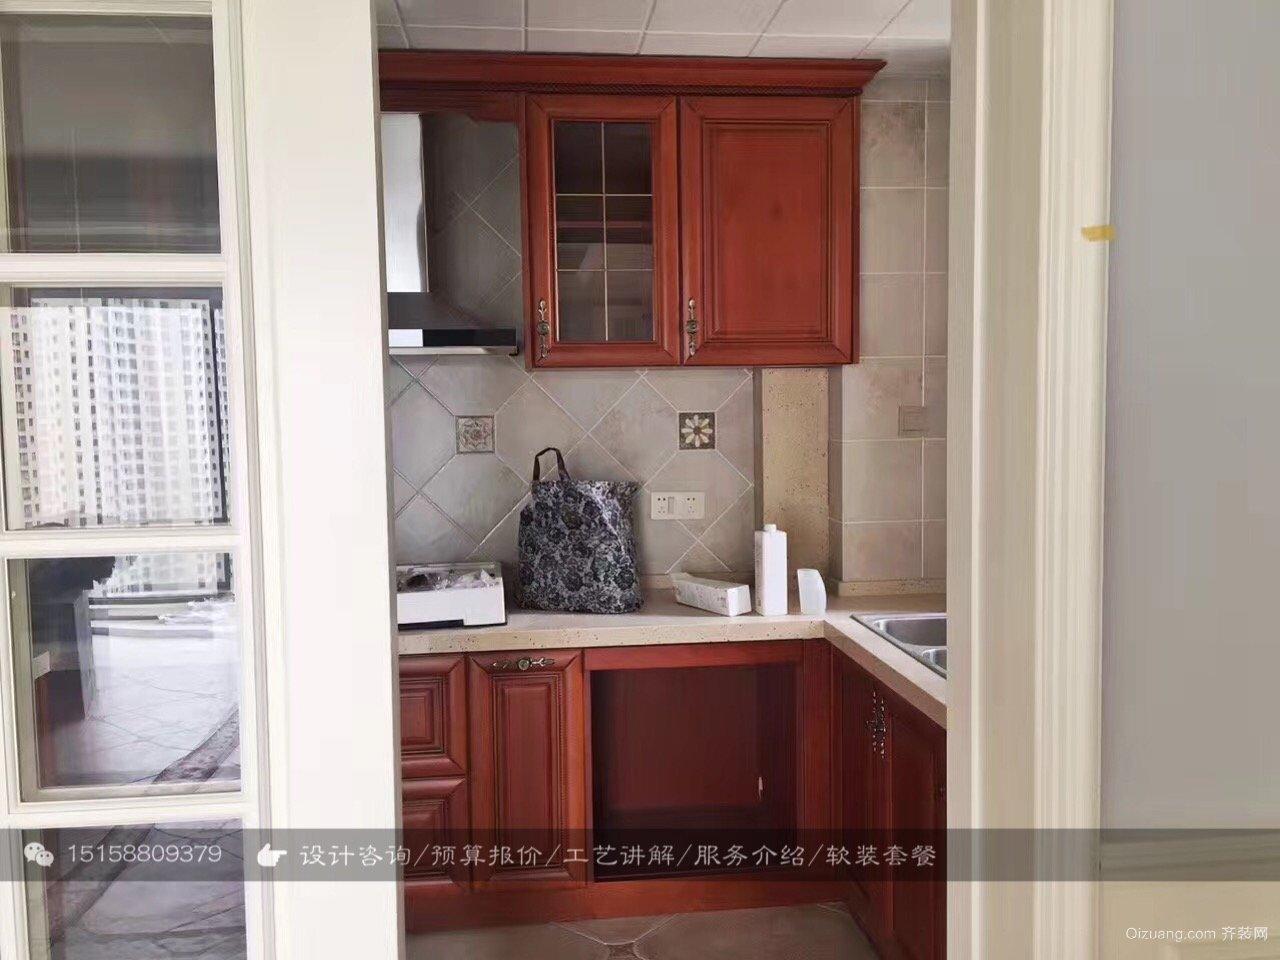 龙湖春江郦城-硬装竣工阶段美式风格装修效果图实景图